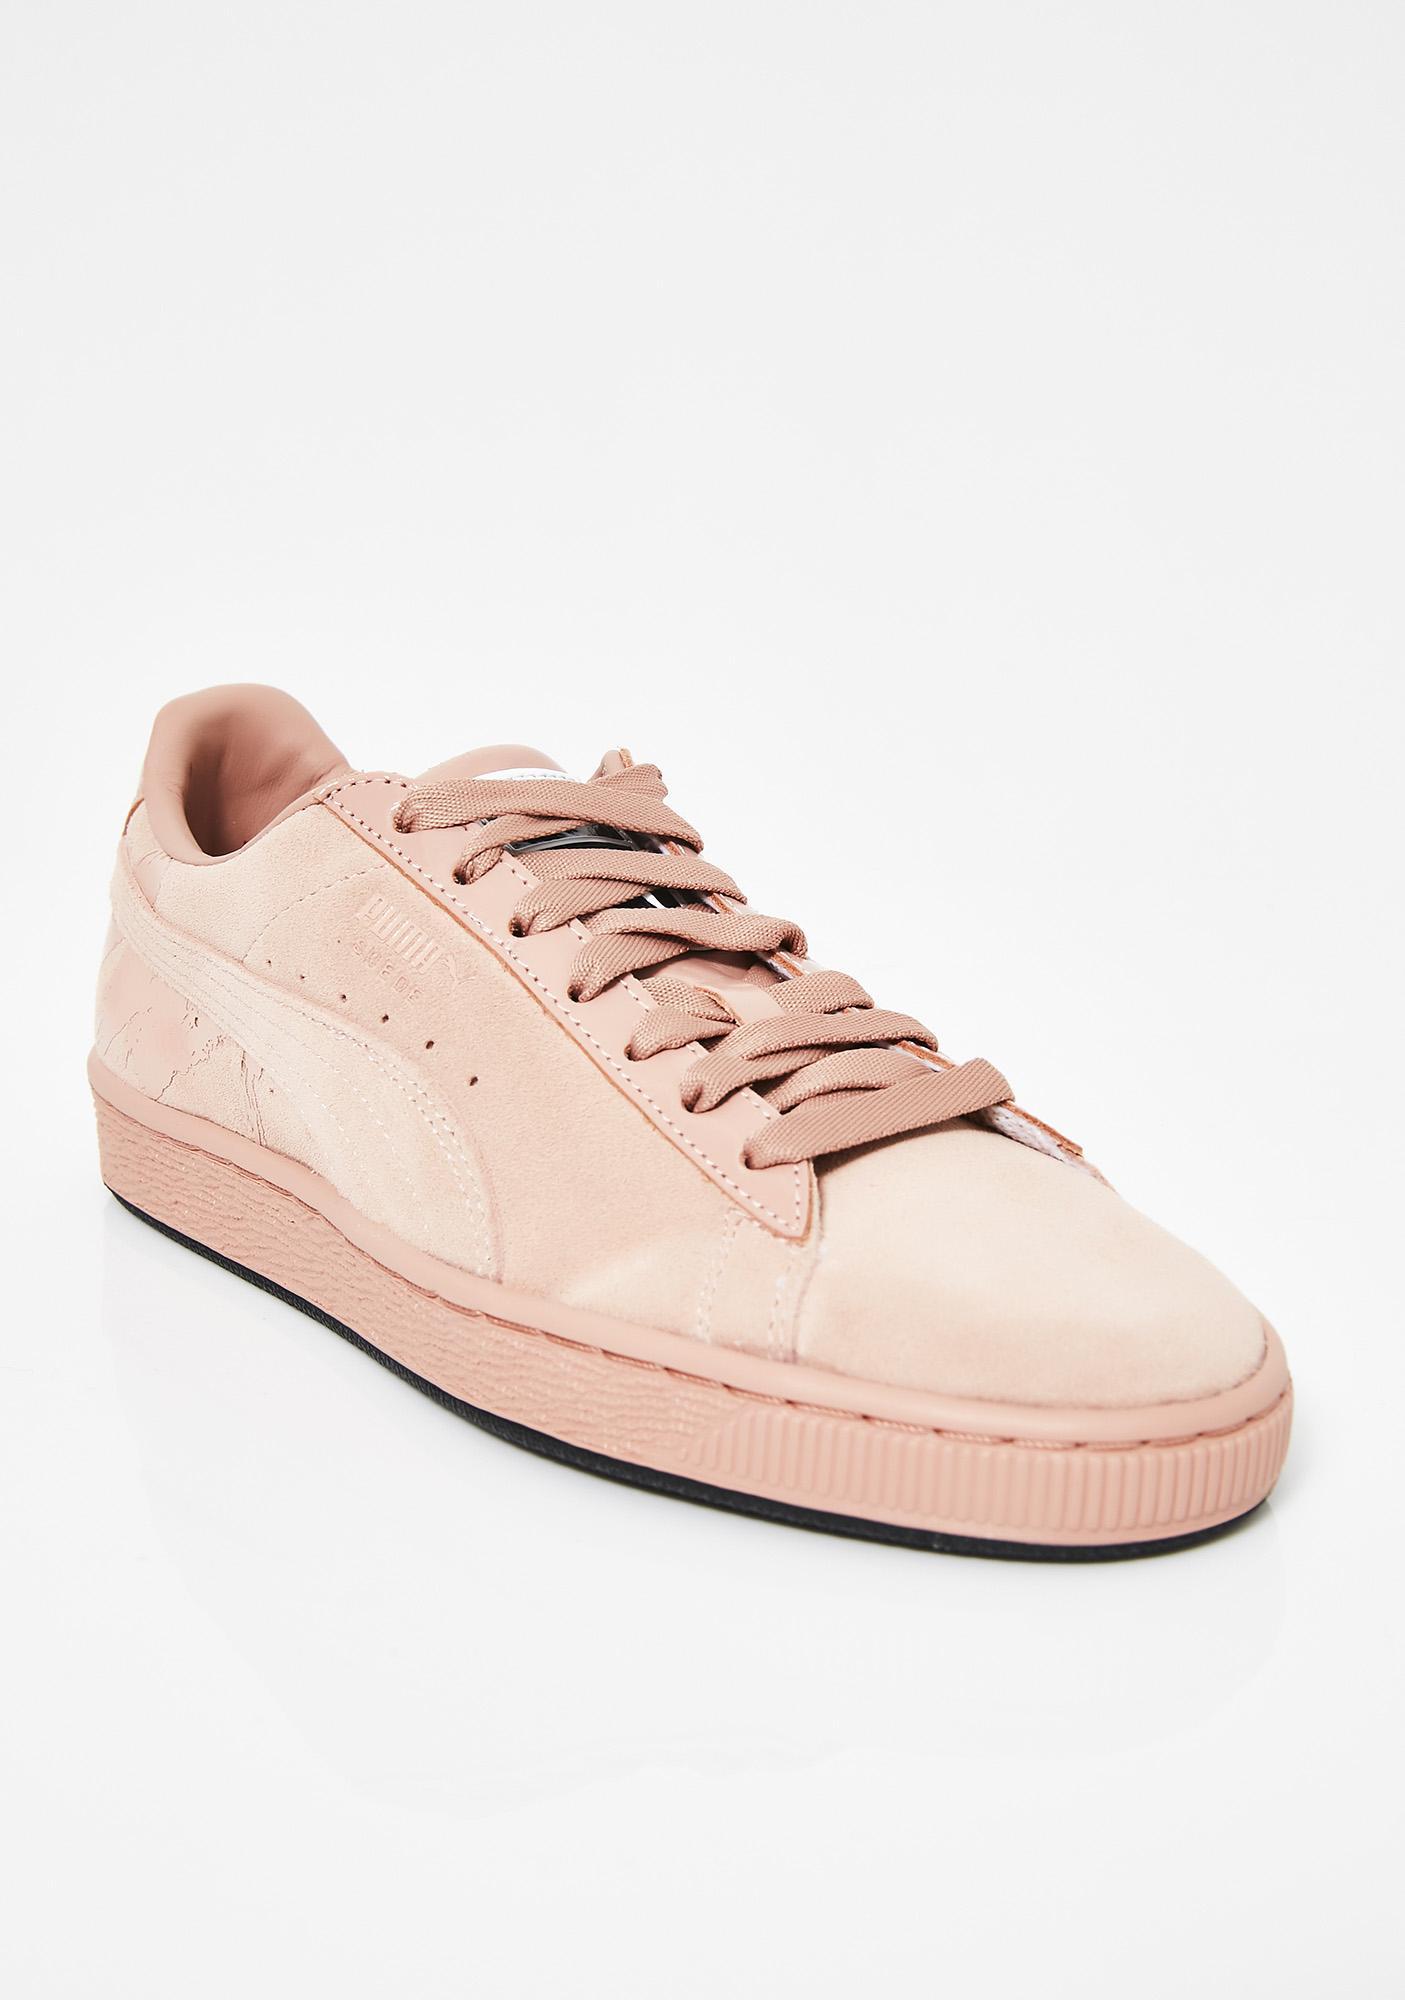 PUMA x Mac One Suede Classic Sneakers